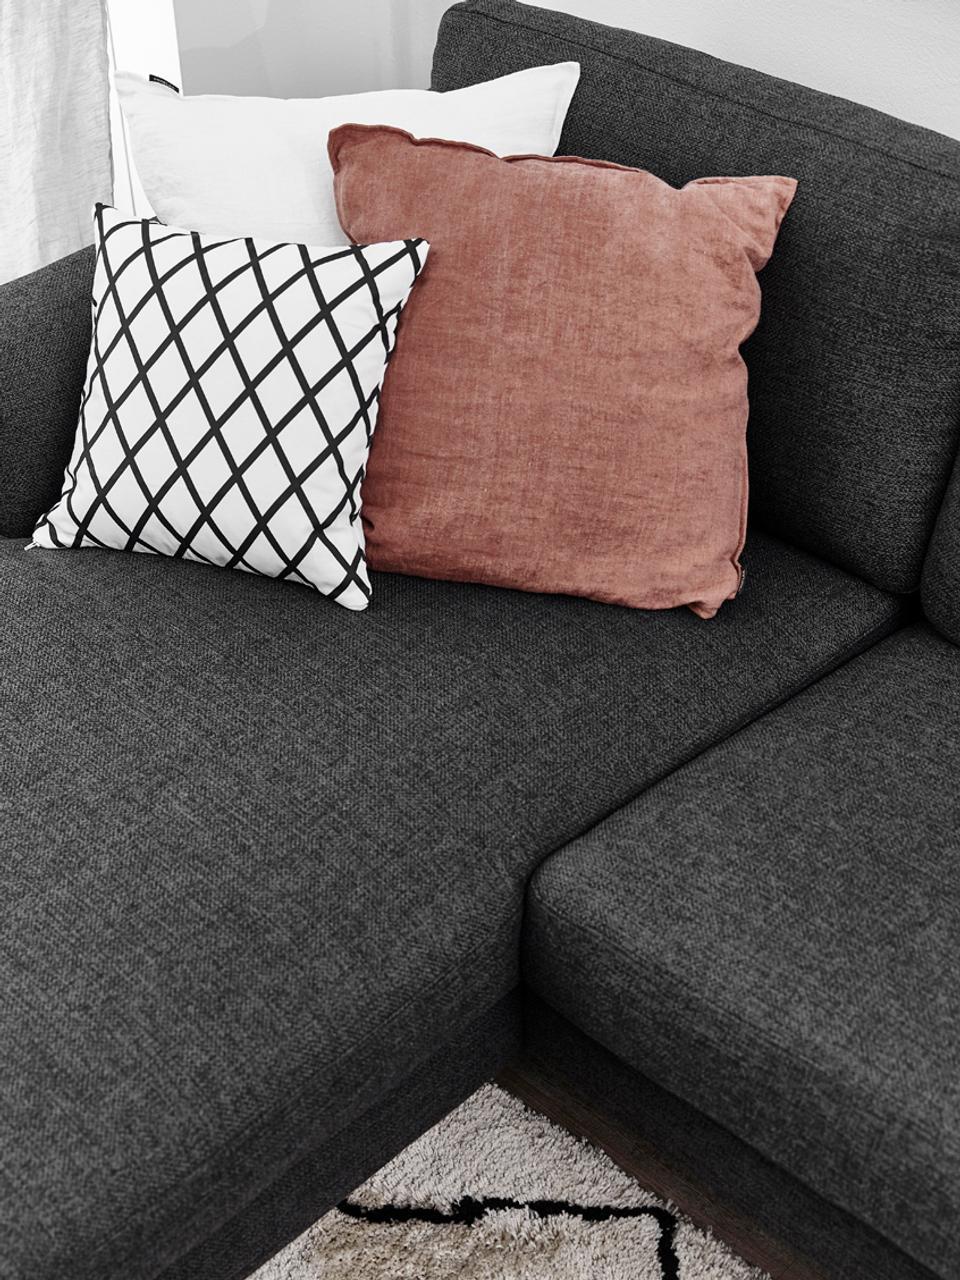 Kissenhülle Romy mit Rautenmuster in Schwarz/Weiß, 100% Baumwolle, Panamabindung, Schwarz, Creme, 40 x 40 cm